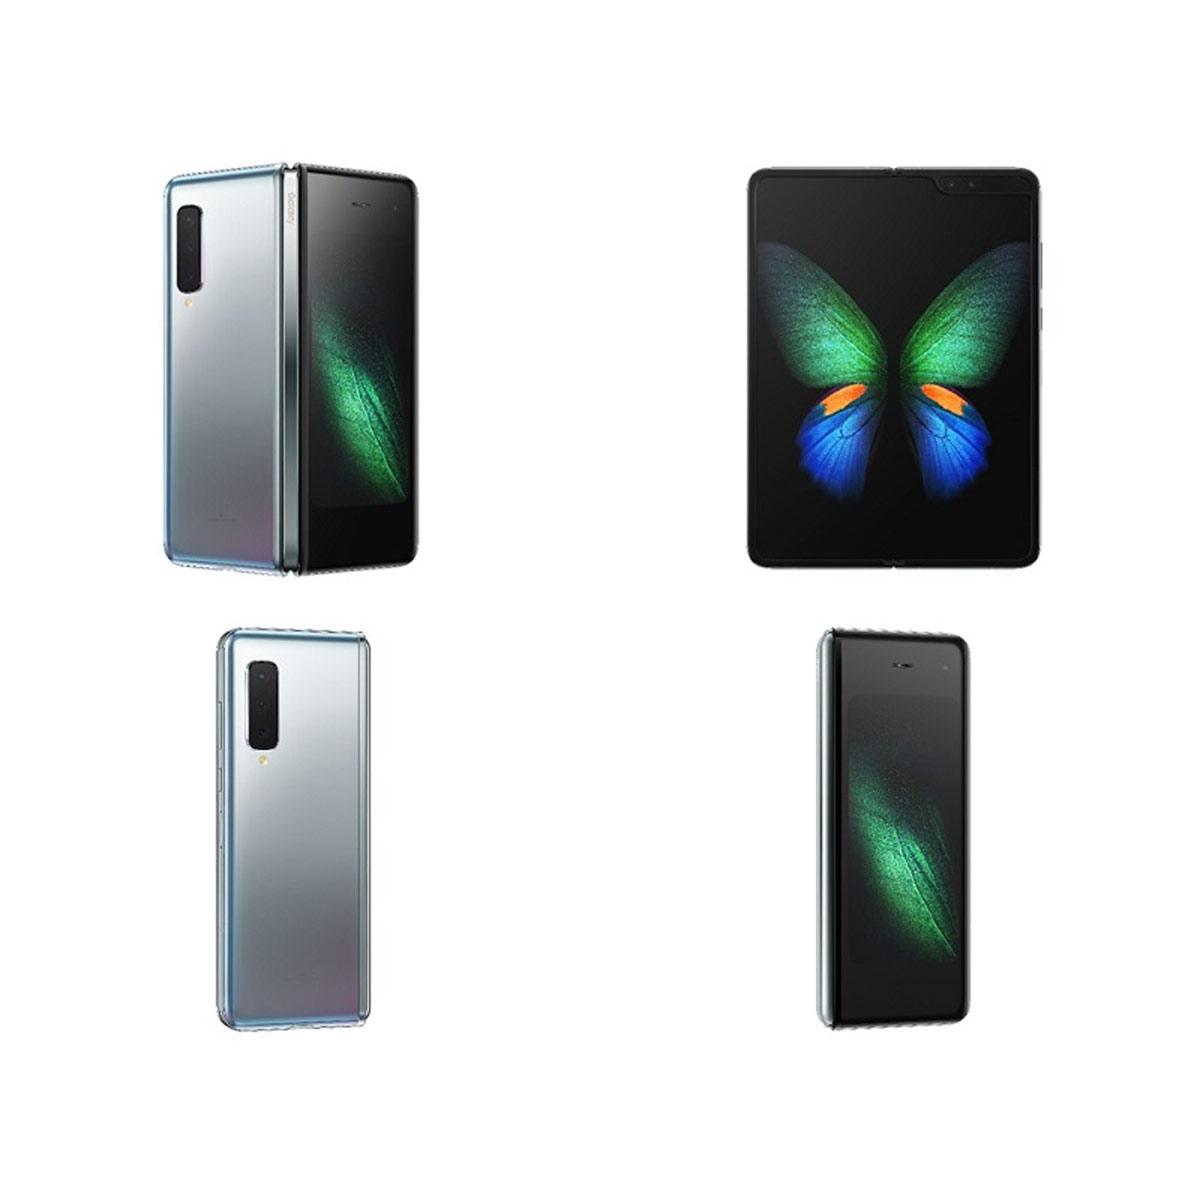 折りたたみスマホ「Galaxy Fold」など、auが2019年秋冬スマホ9モデルを発表!